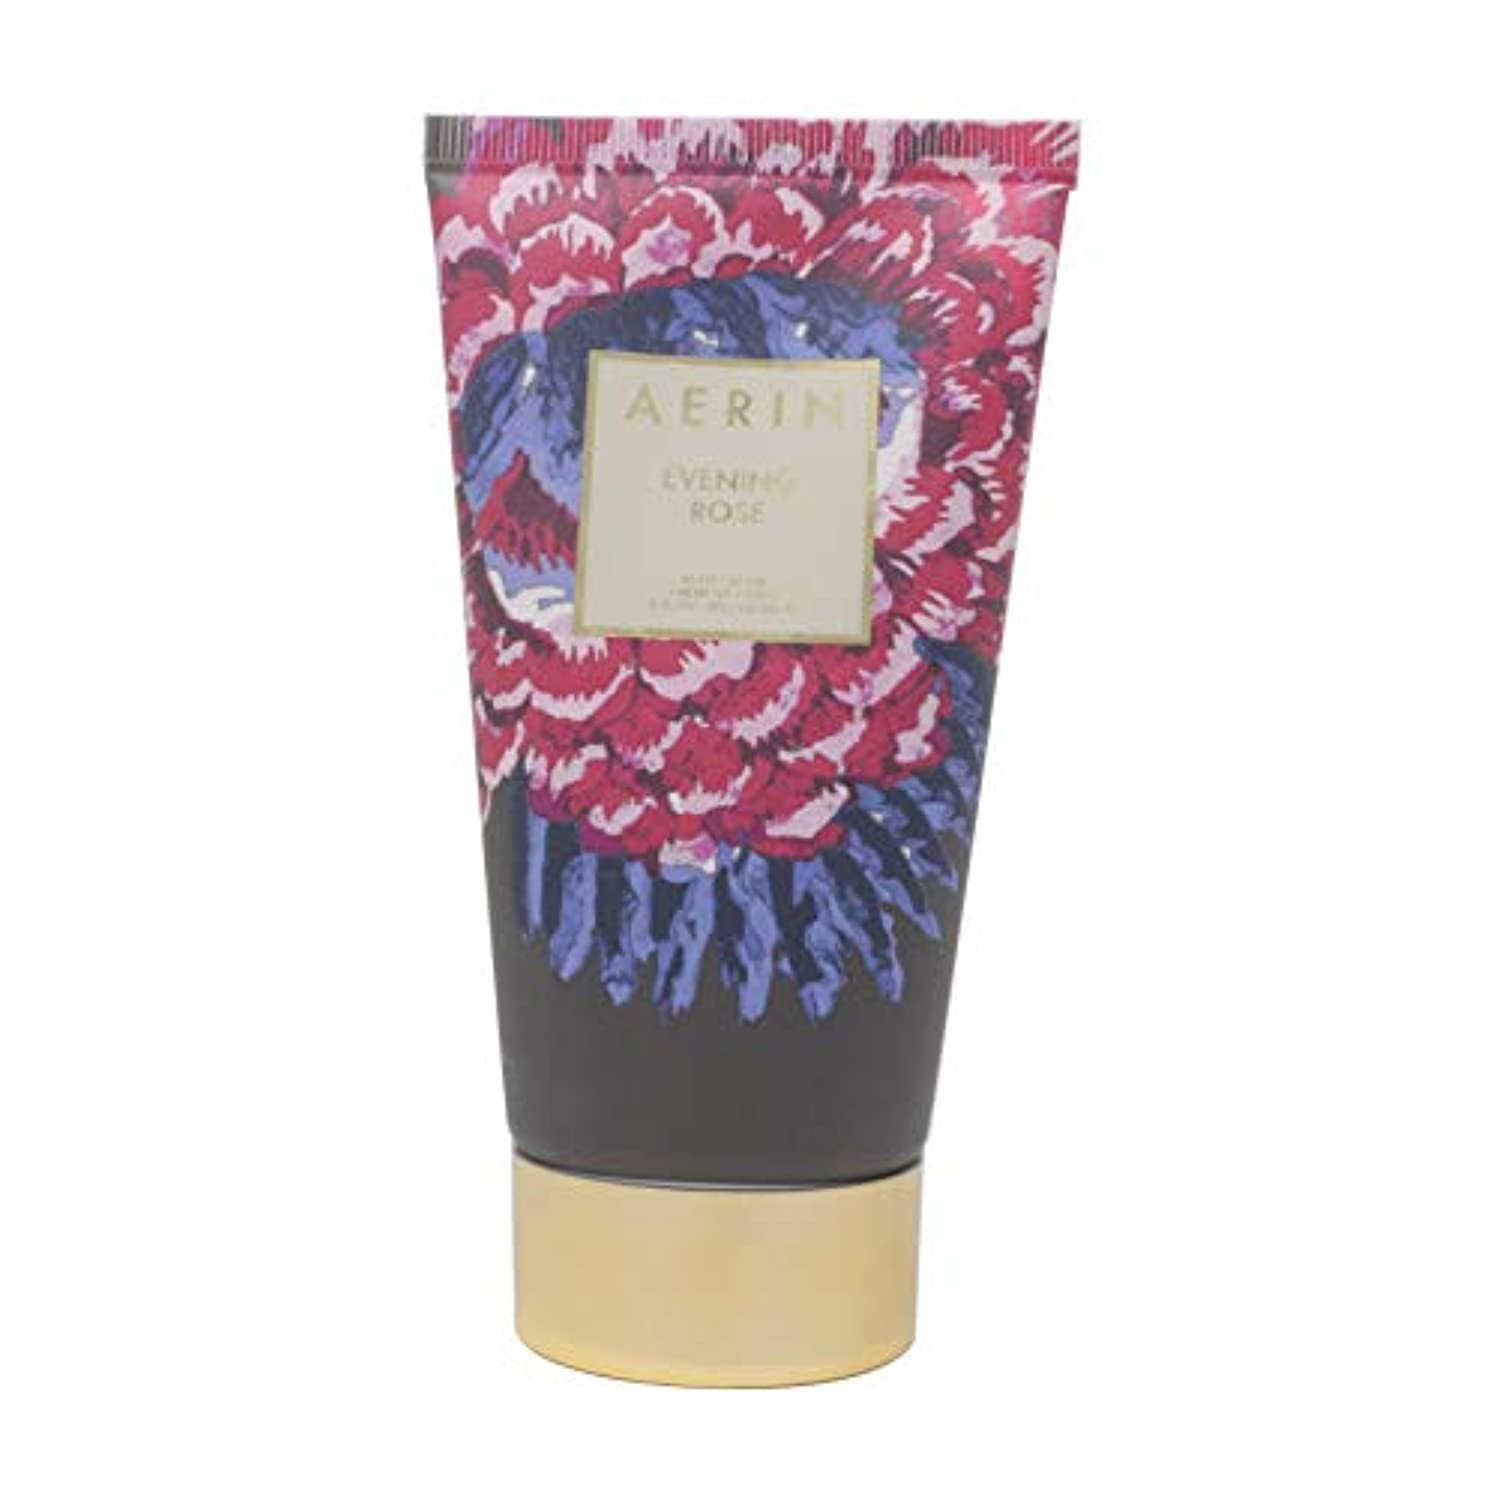 電気の集める心臓AERIN 'Evening Rose' (アエリン イブニング ローズ) 5.0 oz (150ml) Body Cream ボディークリーム by Estee Lauder for Women